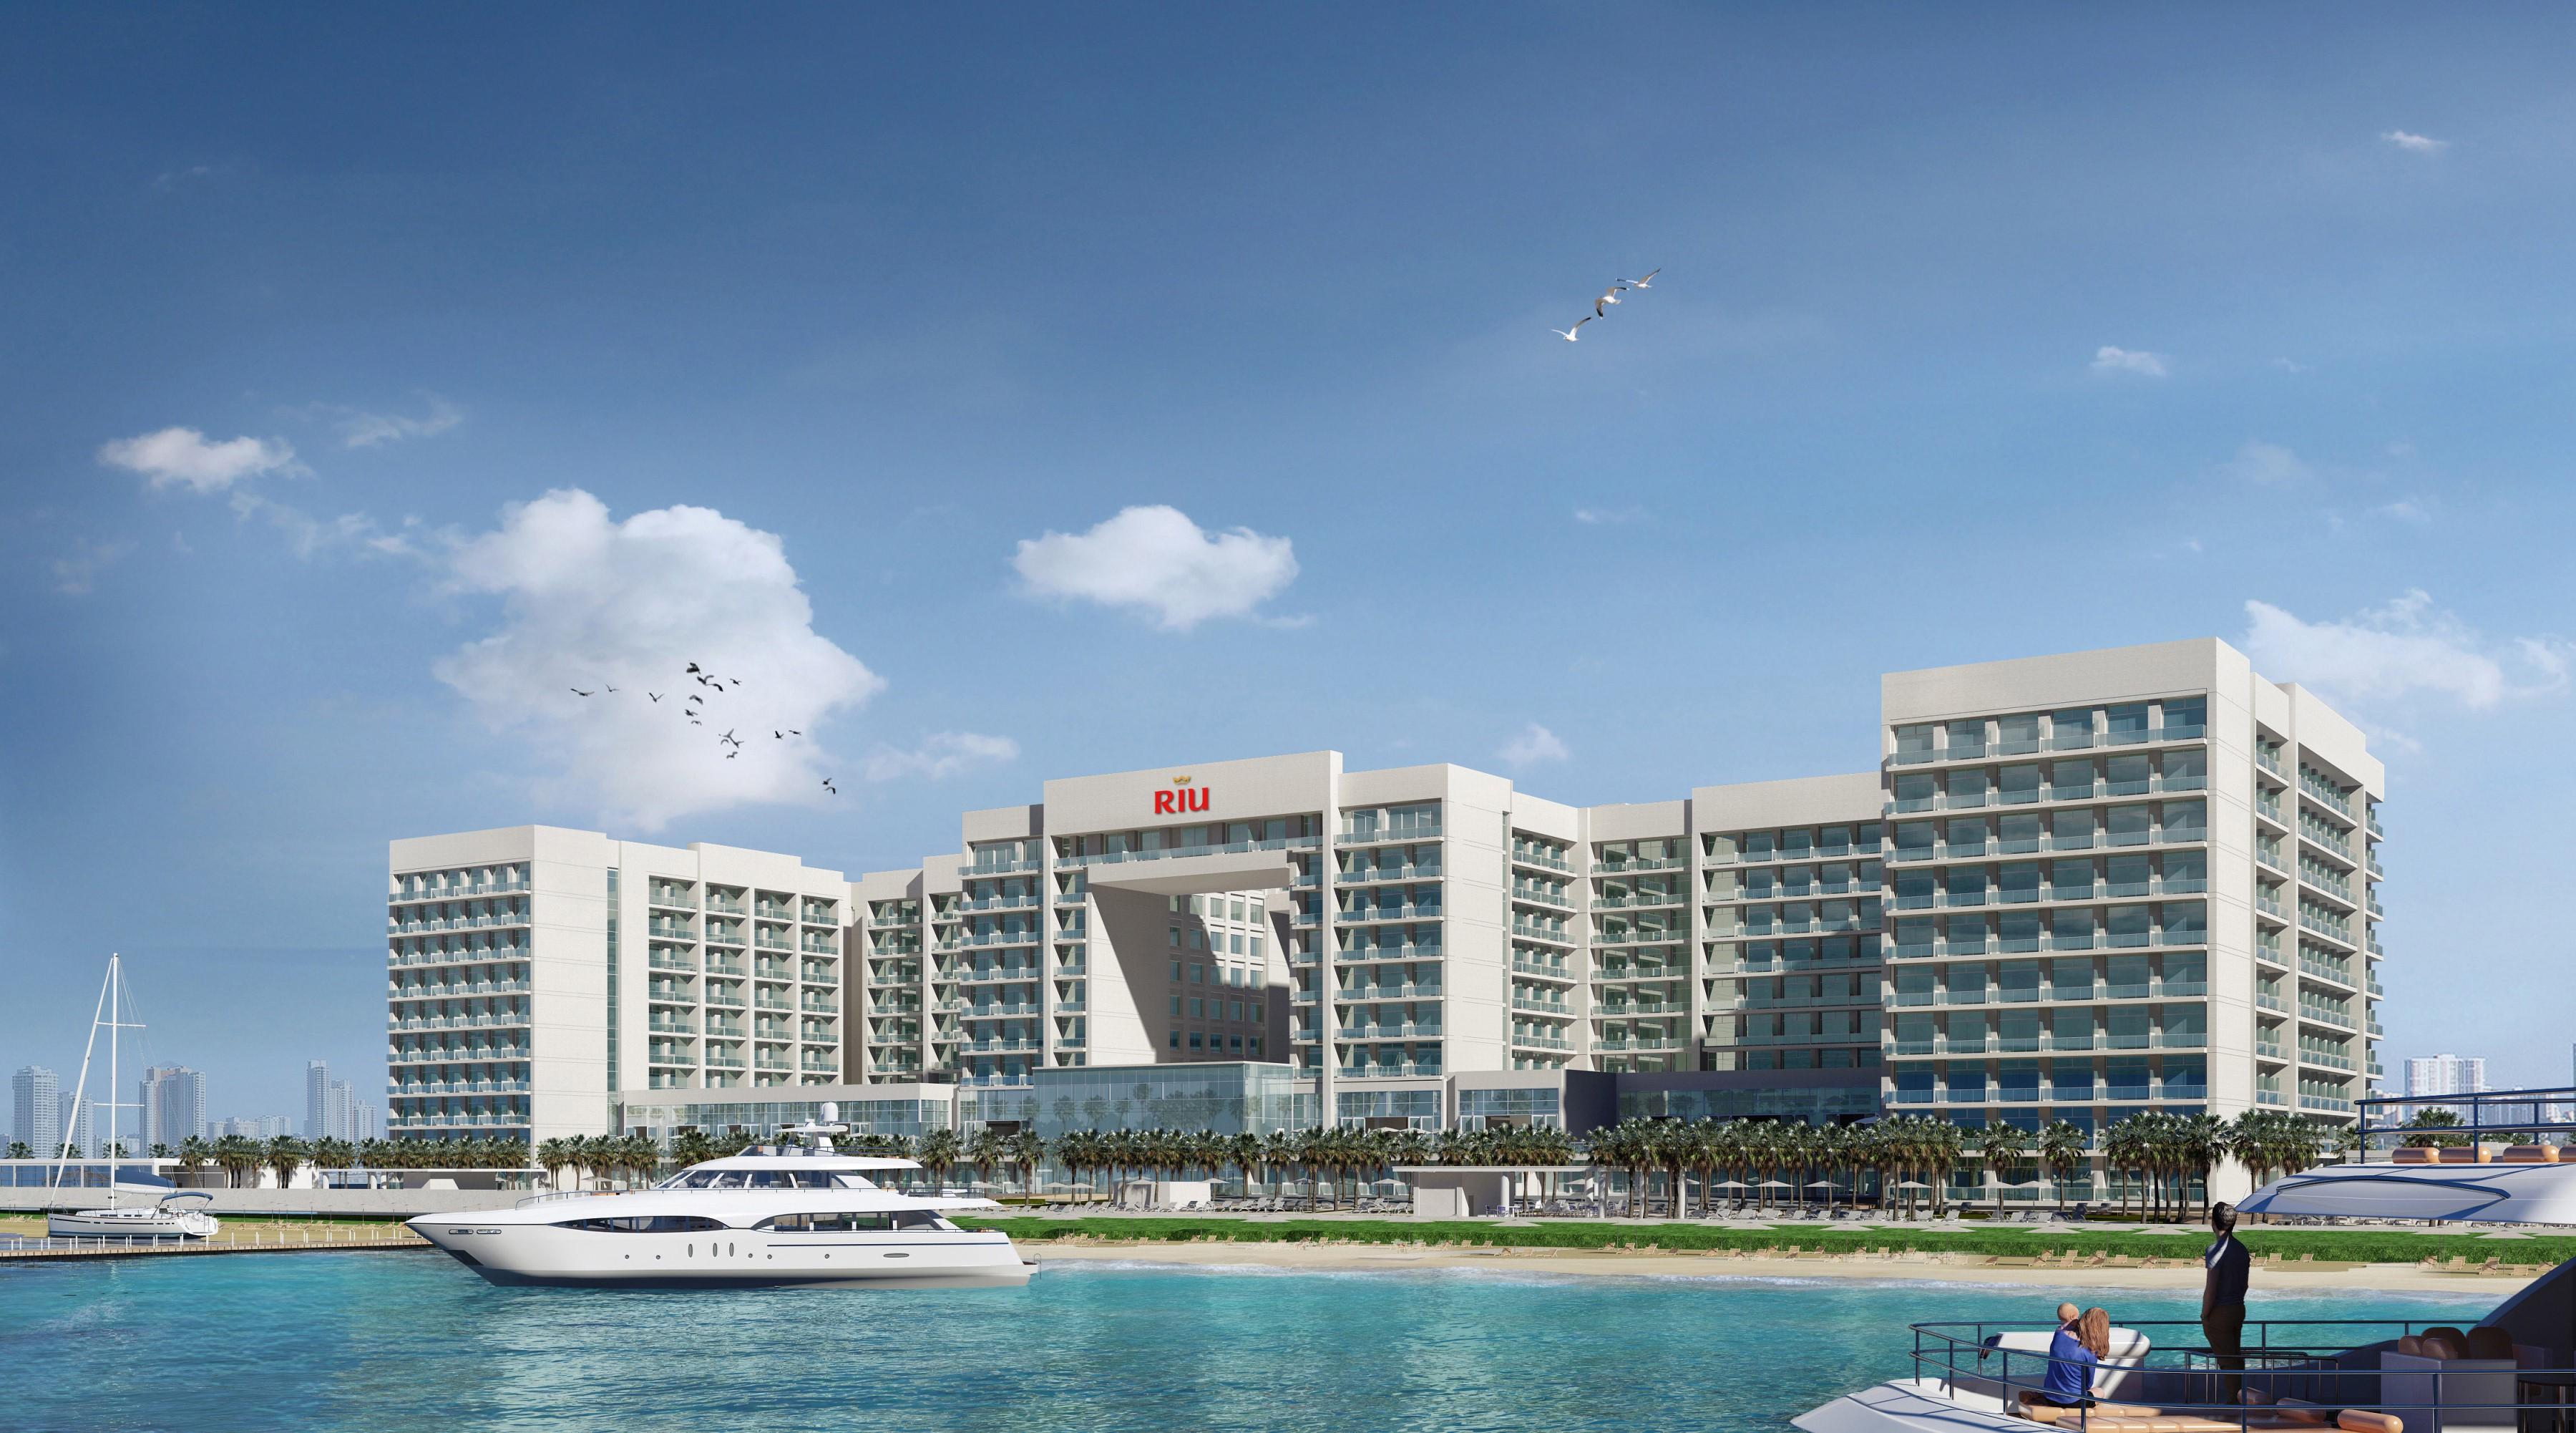 Bin Ladin Cont bags Nakheel resort contract